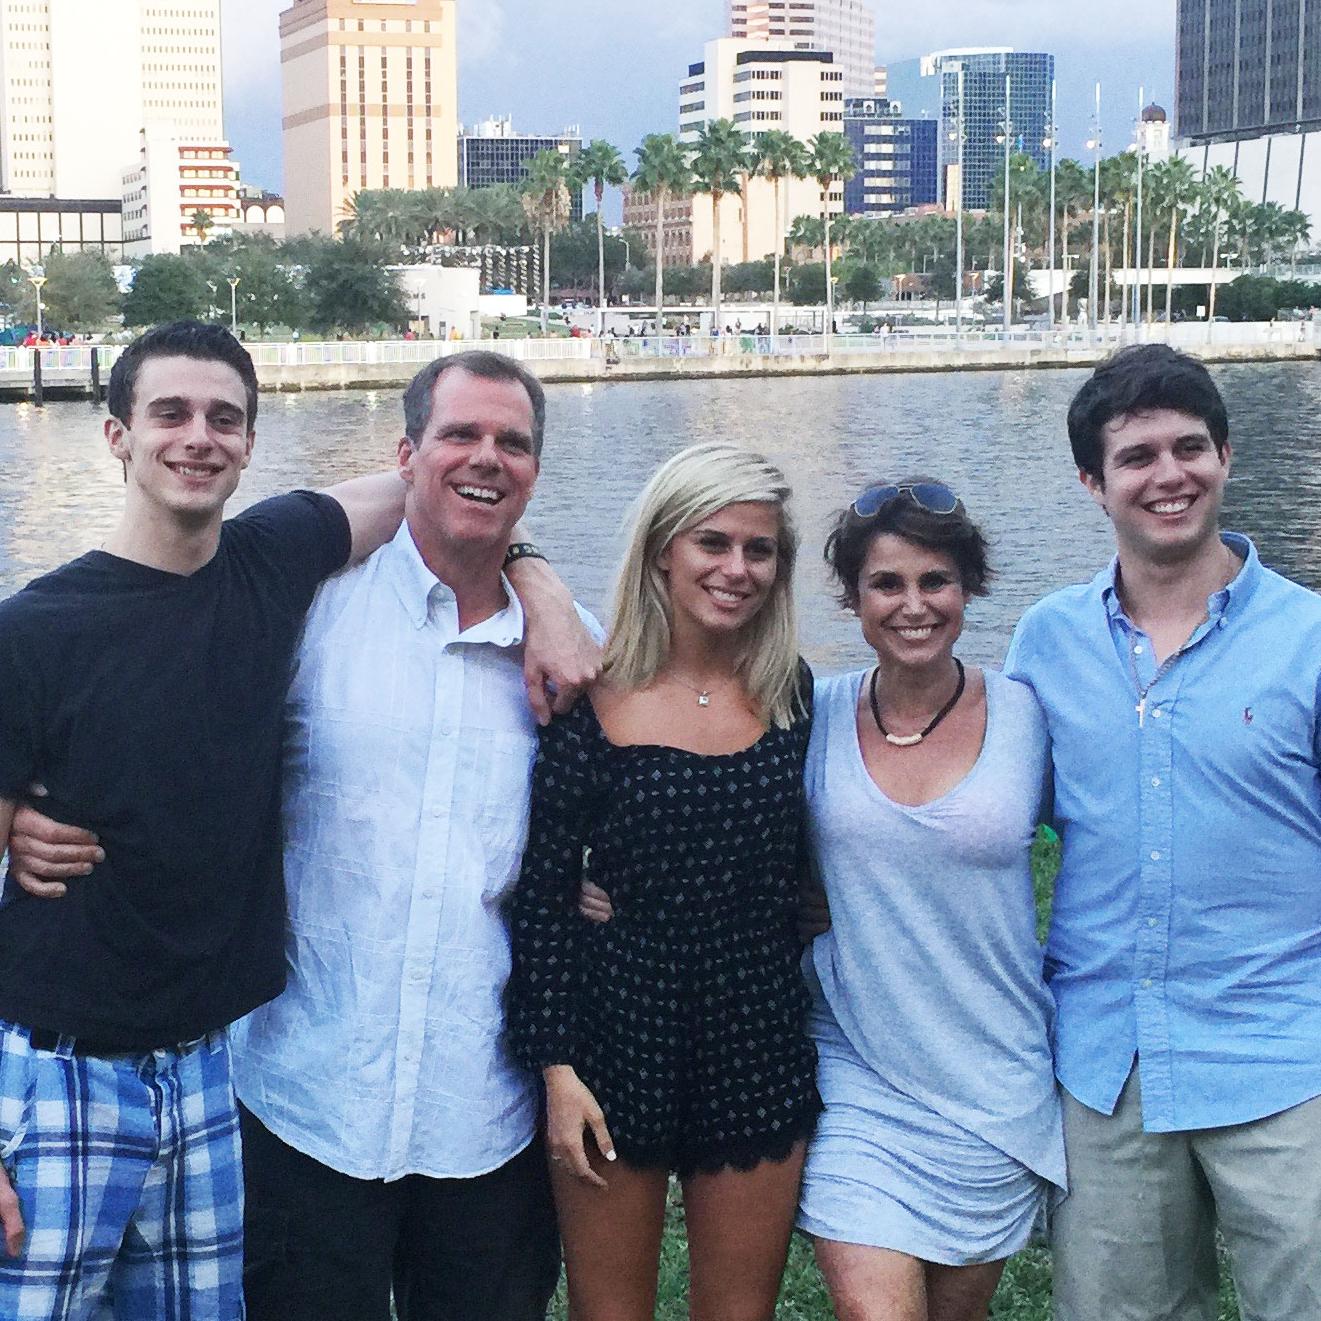 Sharkey Family Photo zoomed